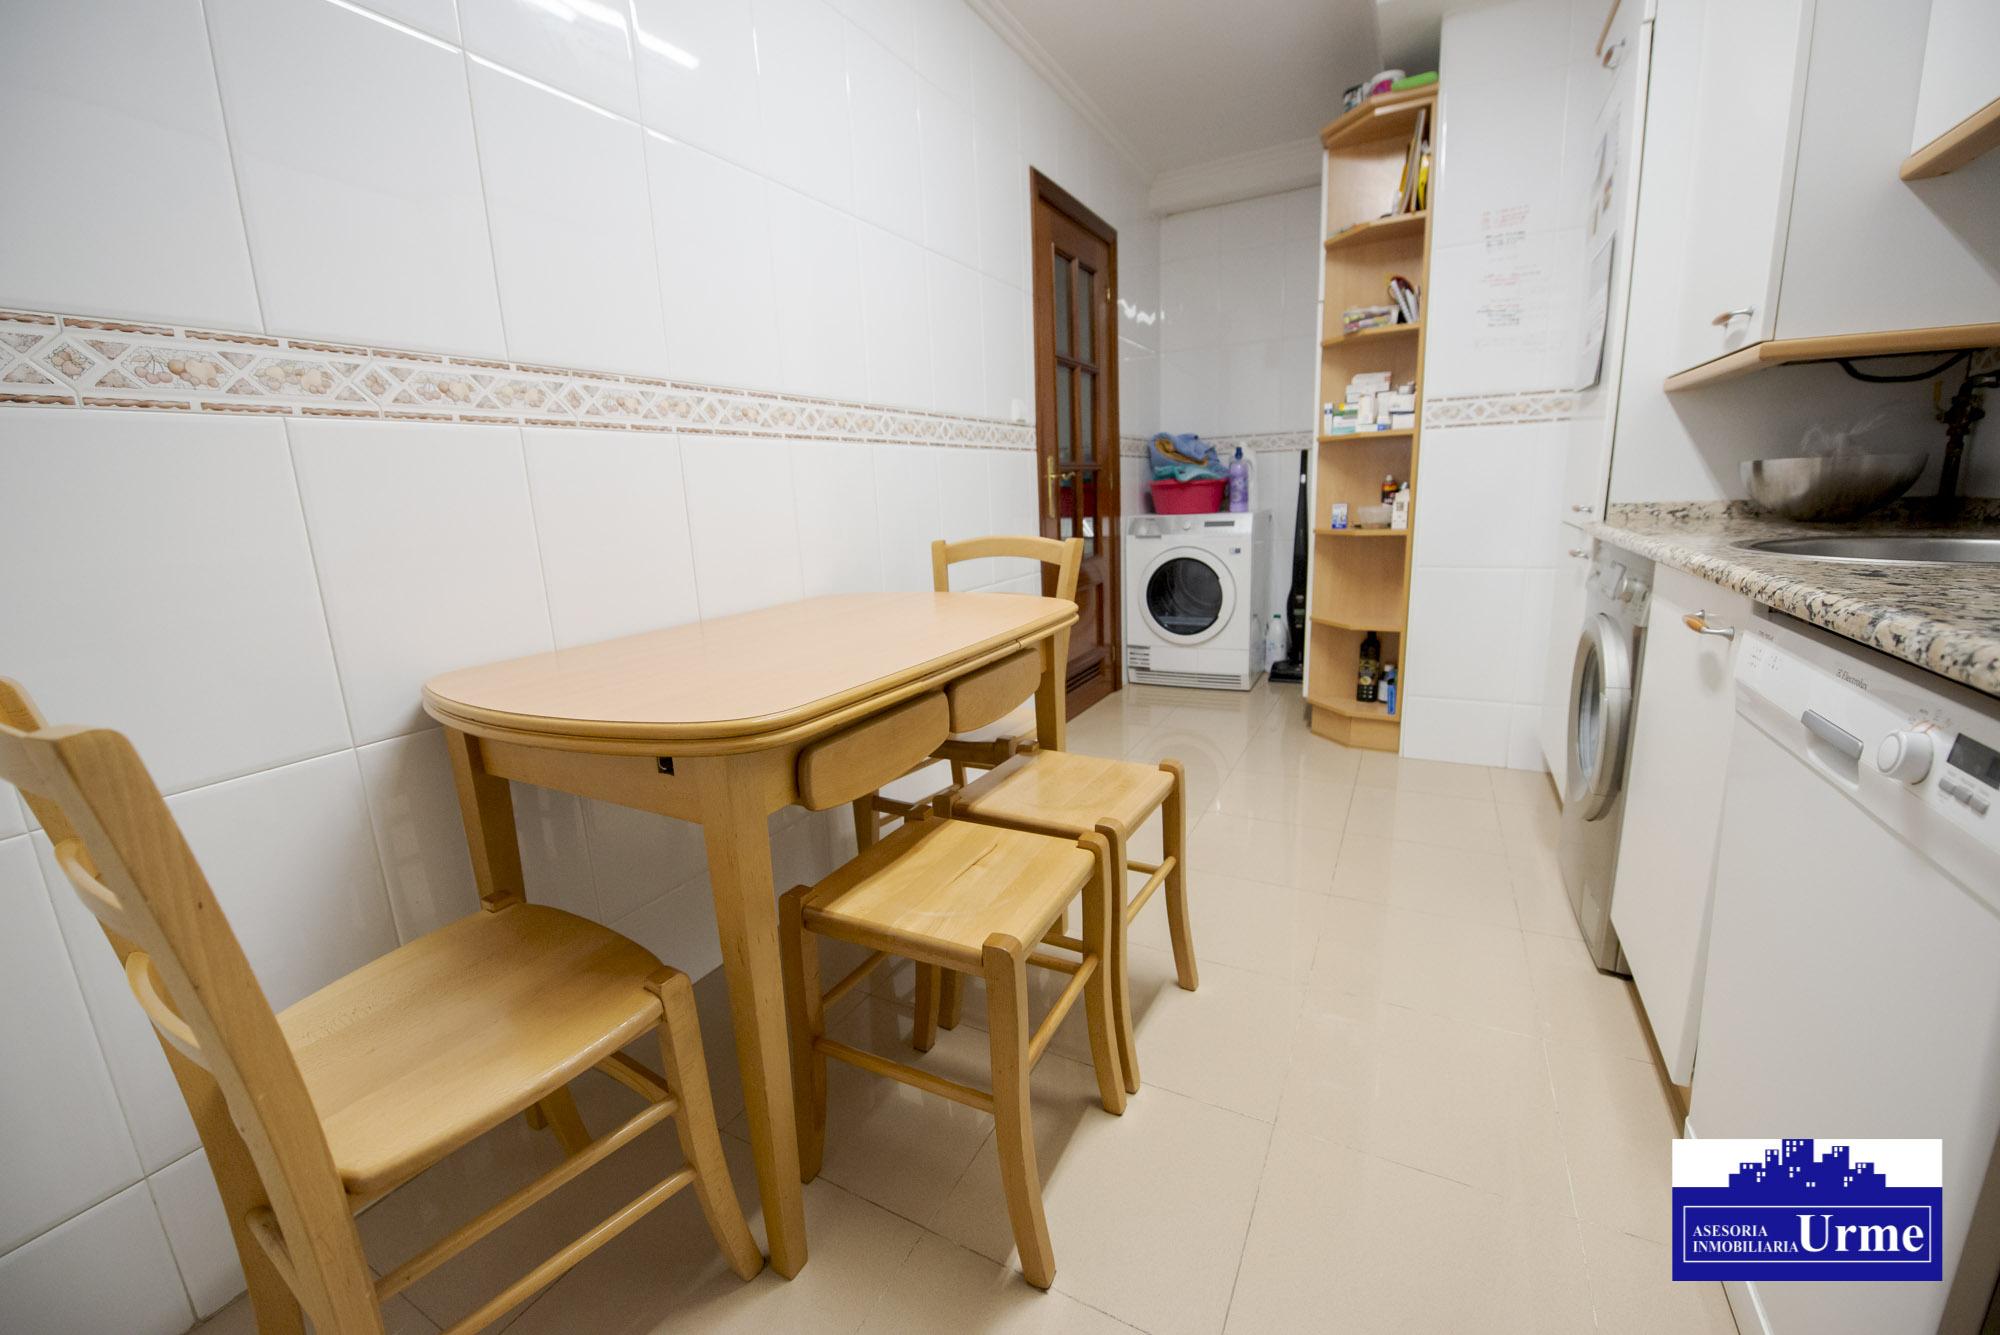 Te gustara!! en Puiana, 2 habitaciones, amplias,salon majo, cocina equipa y baño .Orientacion Perfecta!!